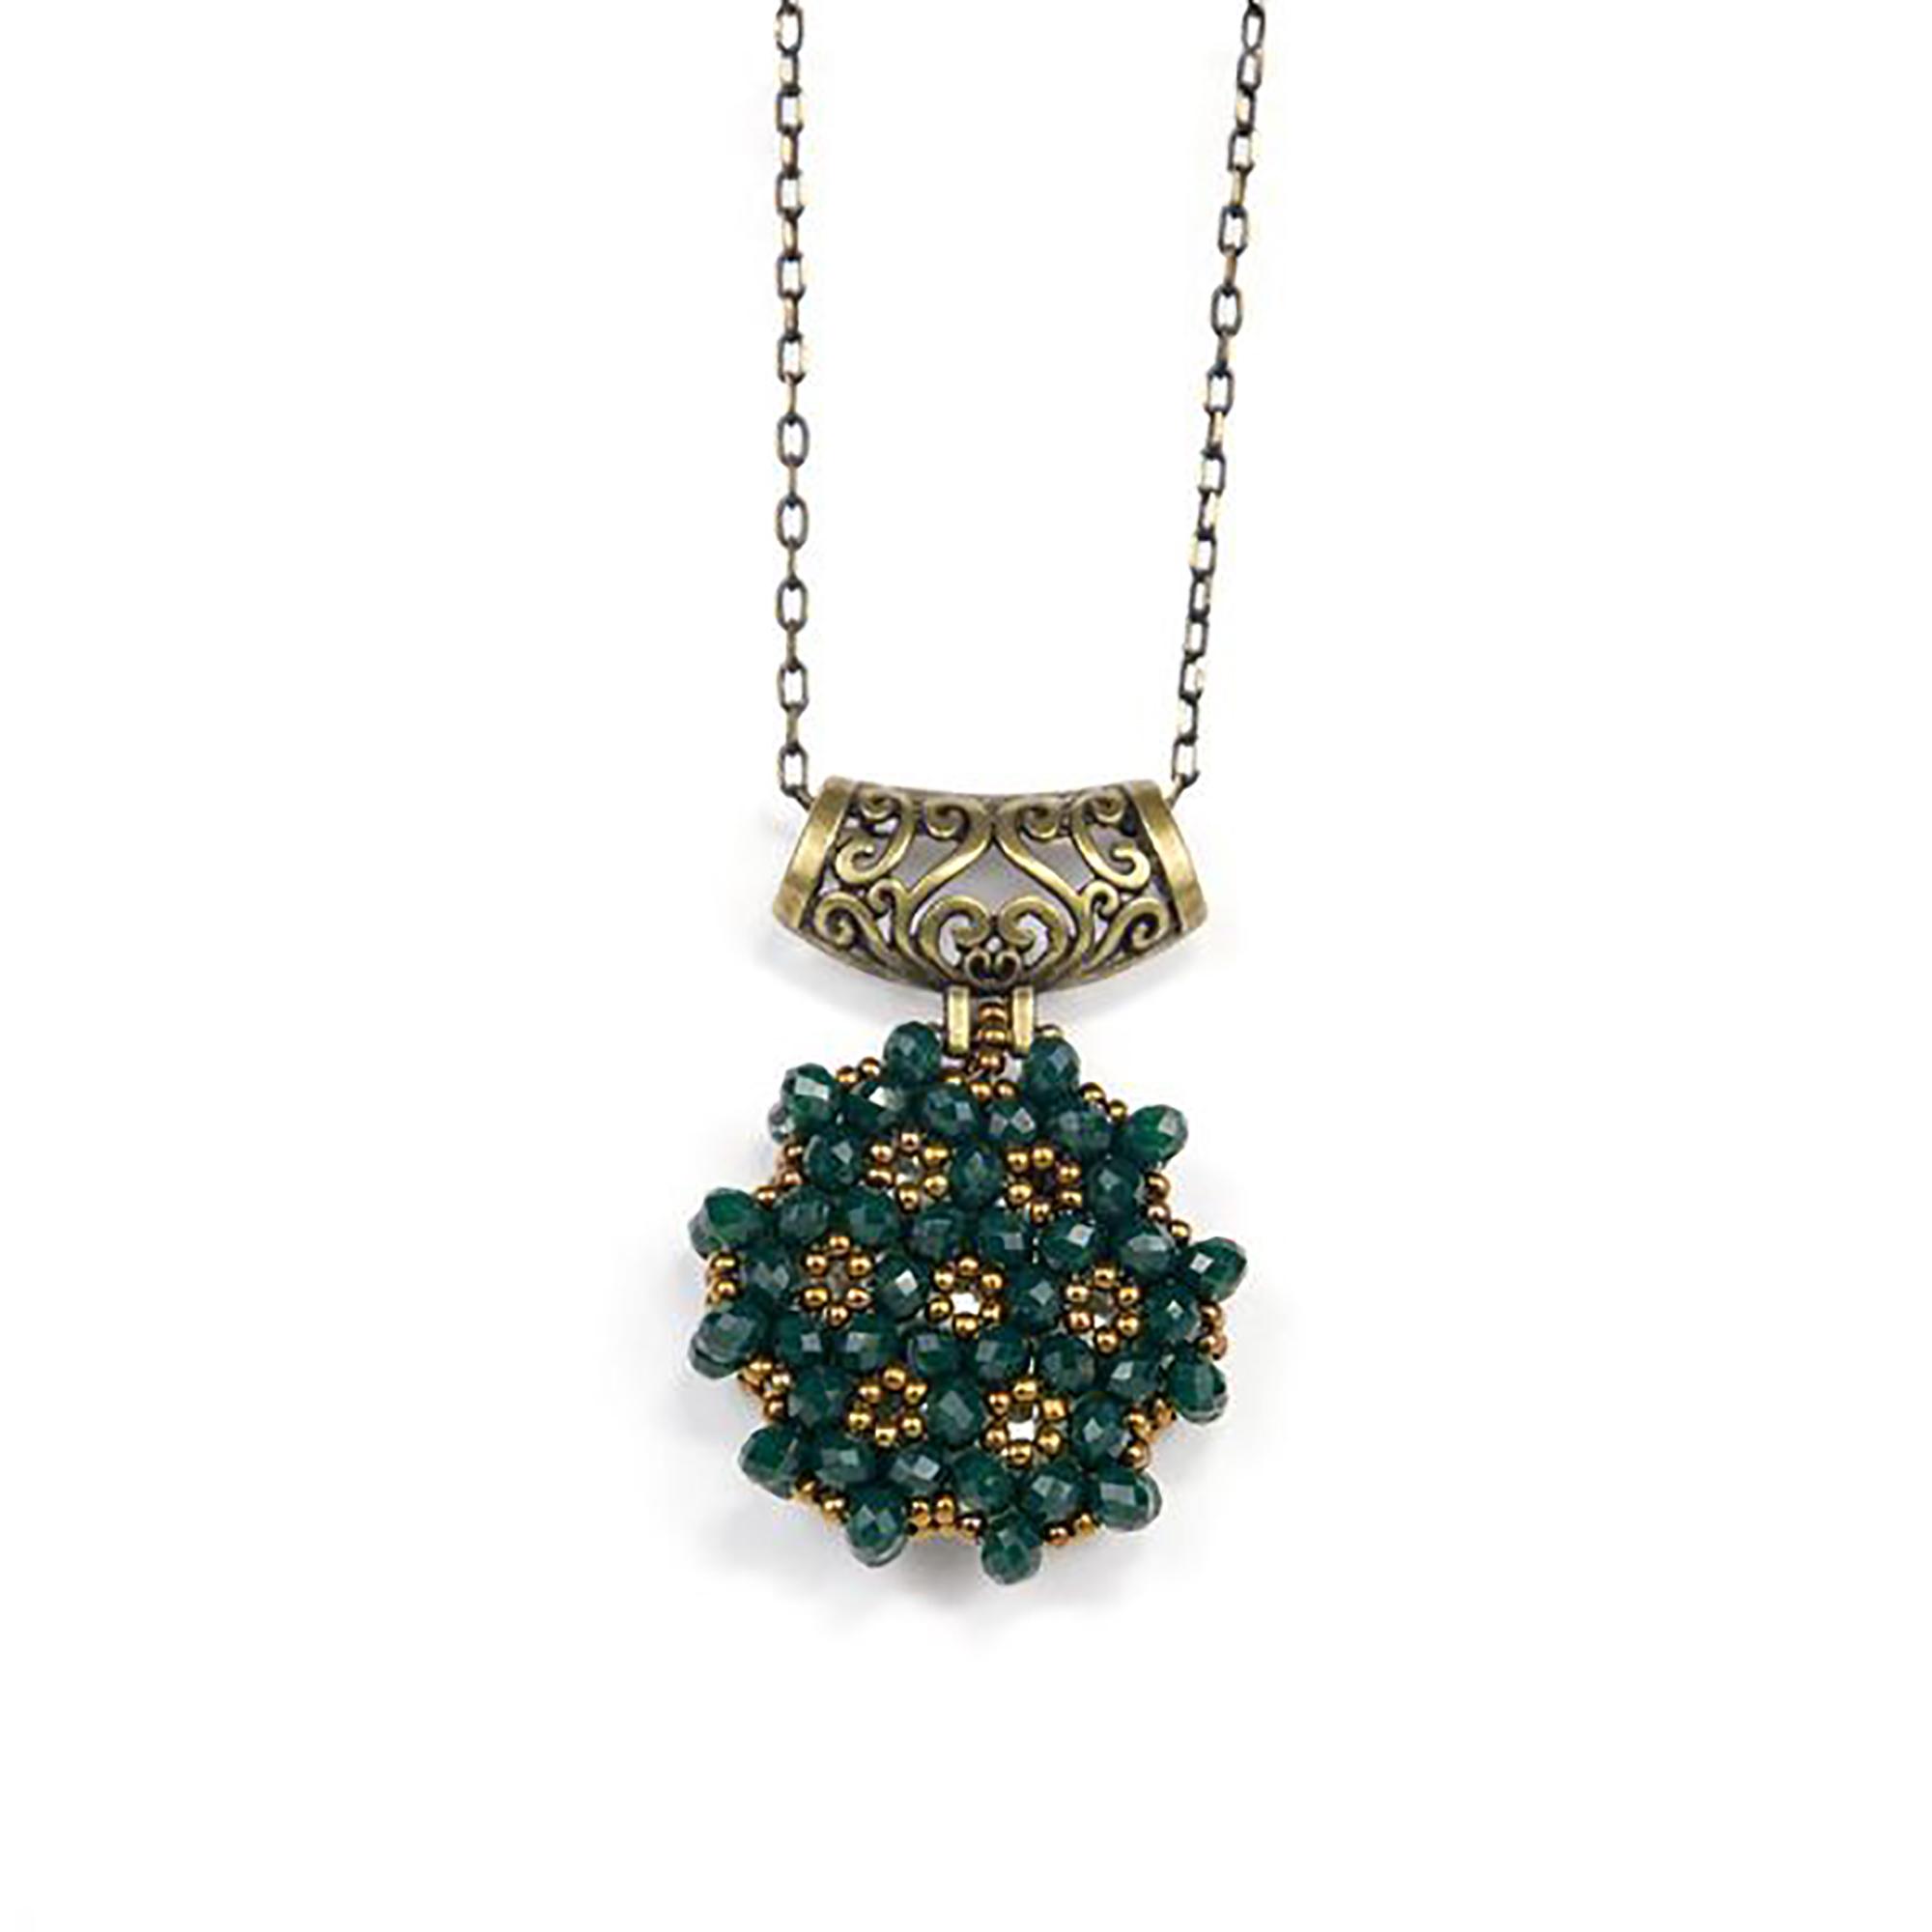 Perlenkette Cevsen (Rund - Grün)